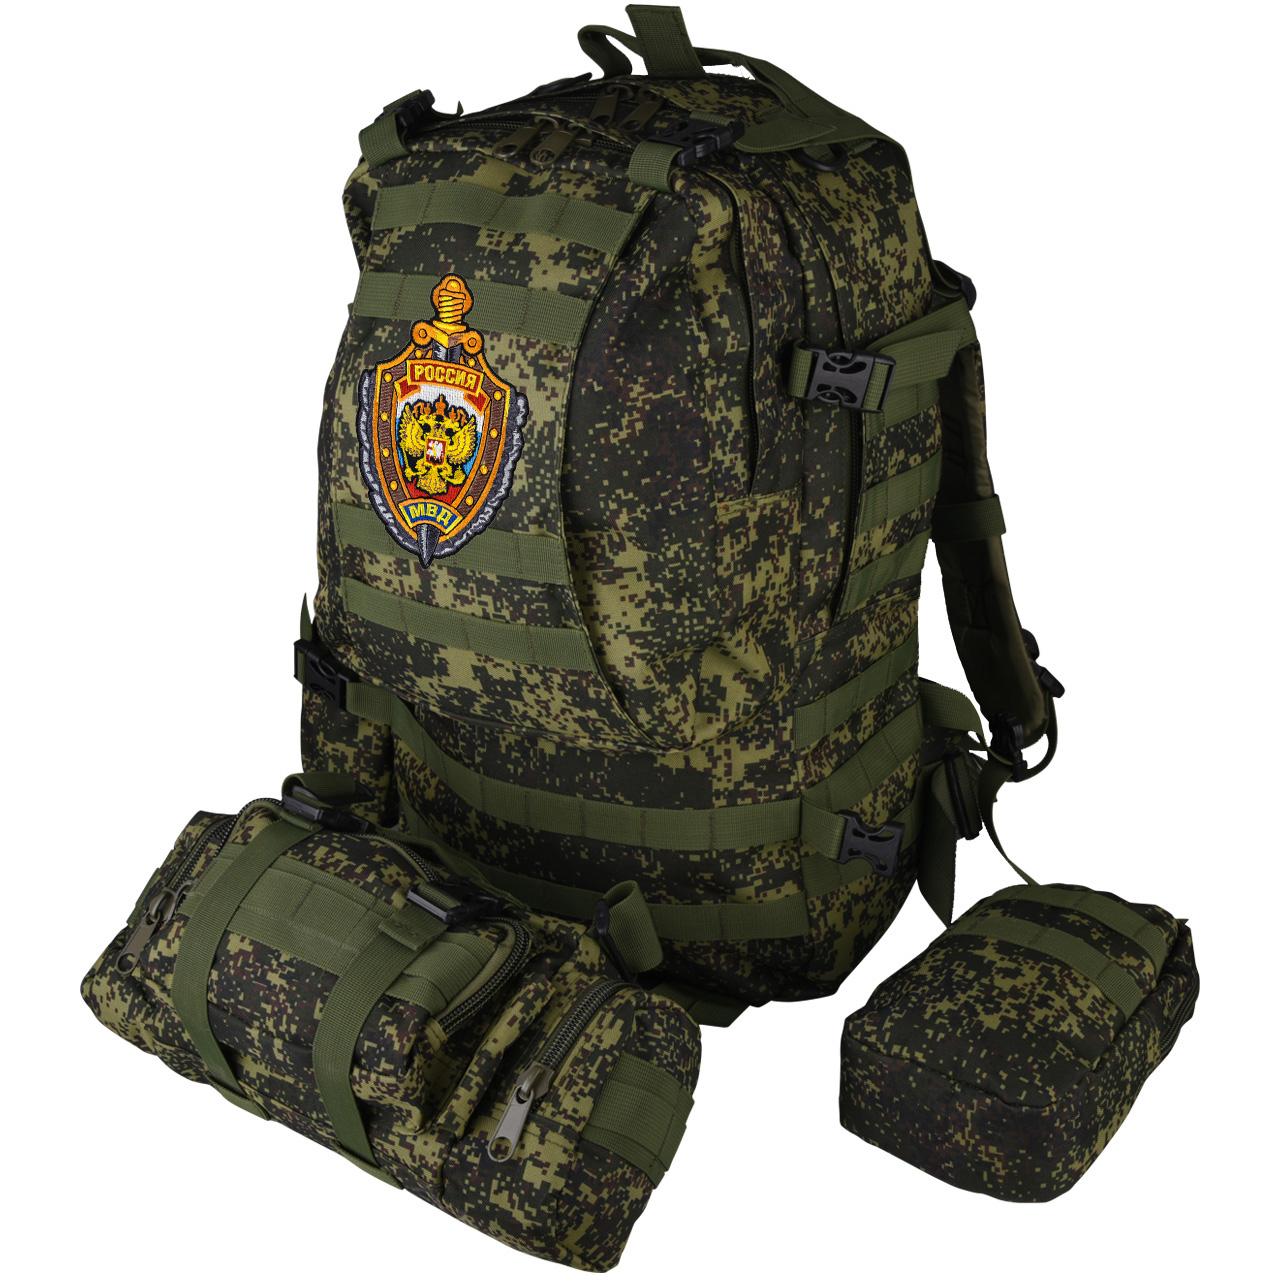 Рейдовый рюкзак на 50 литров с подсумками с эмблемой МВД